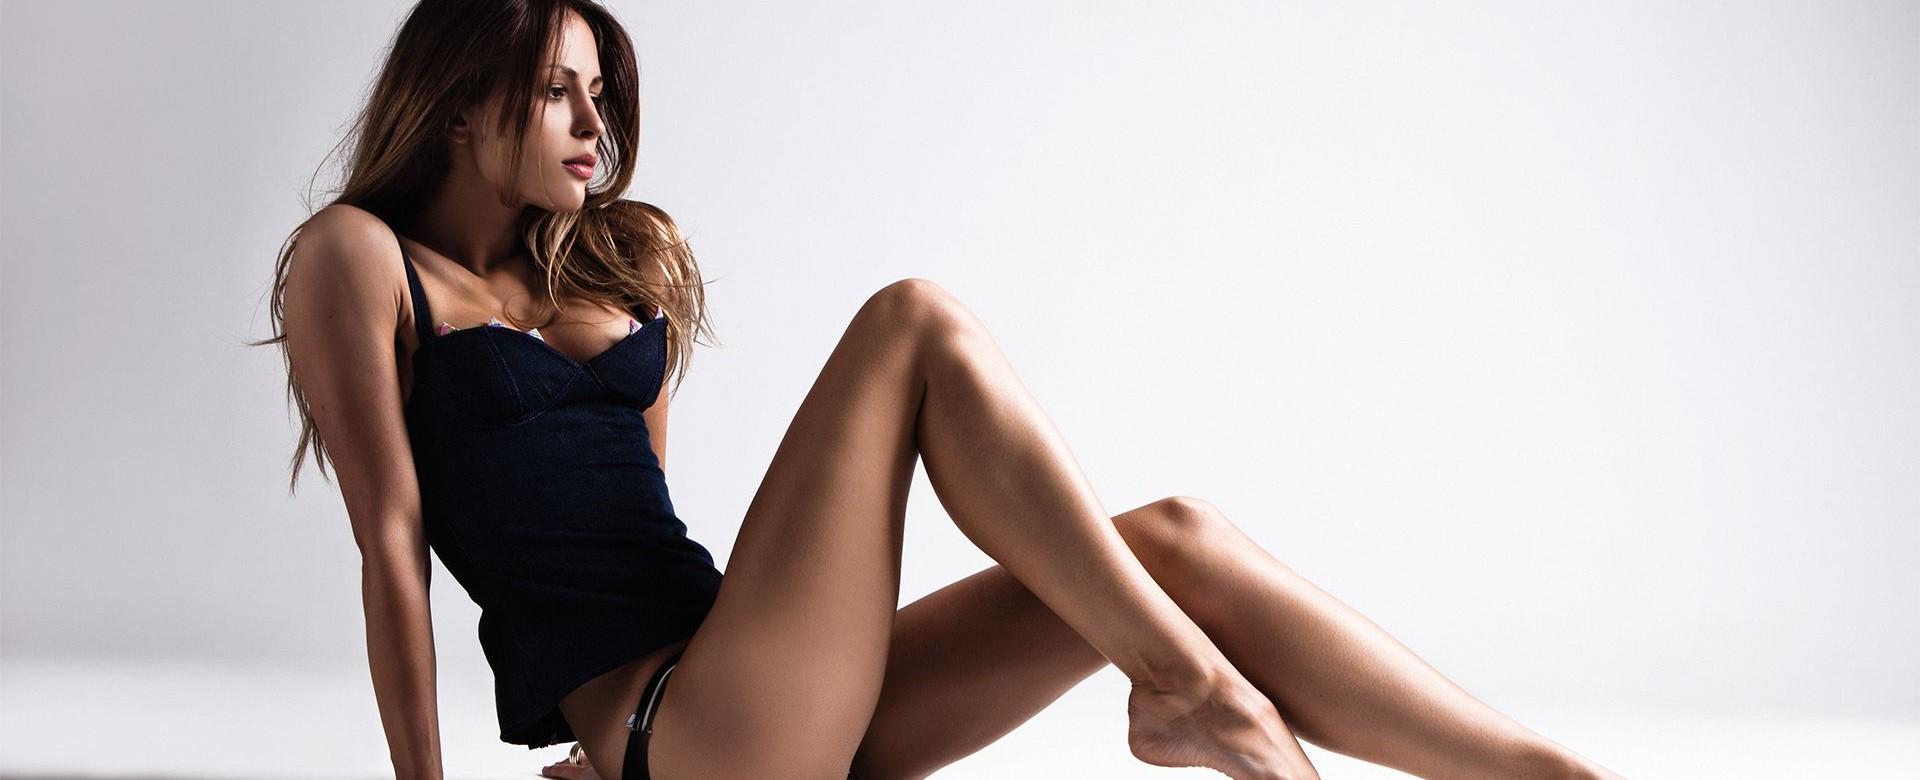 Underwear slide